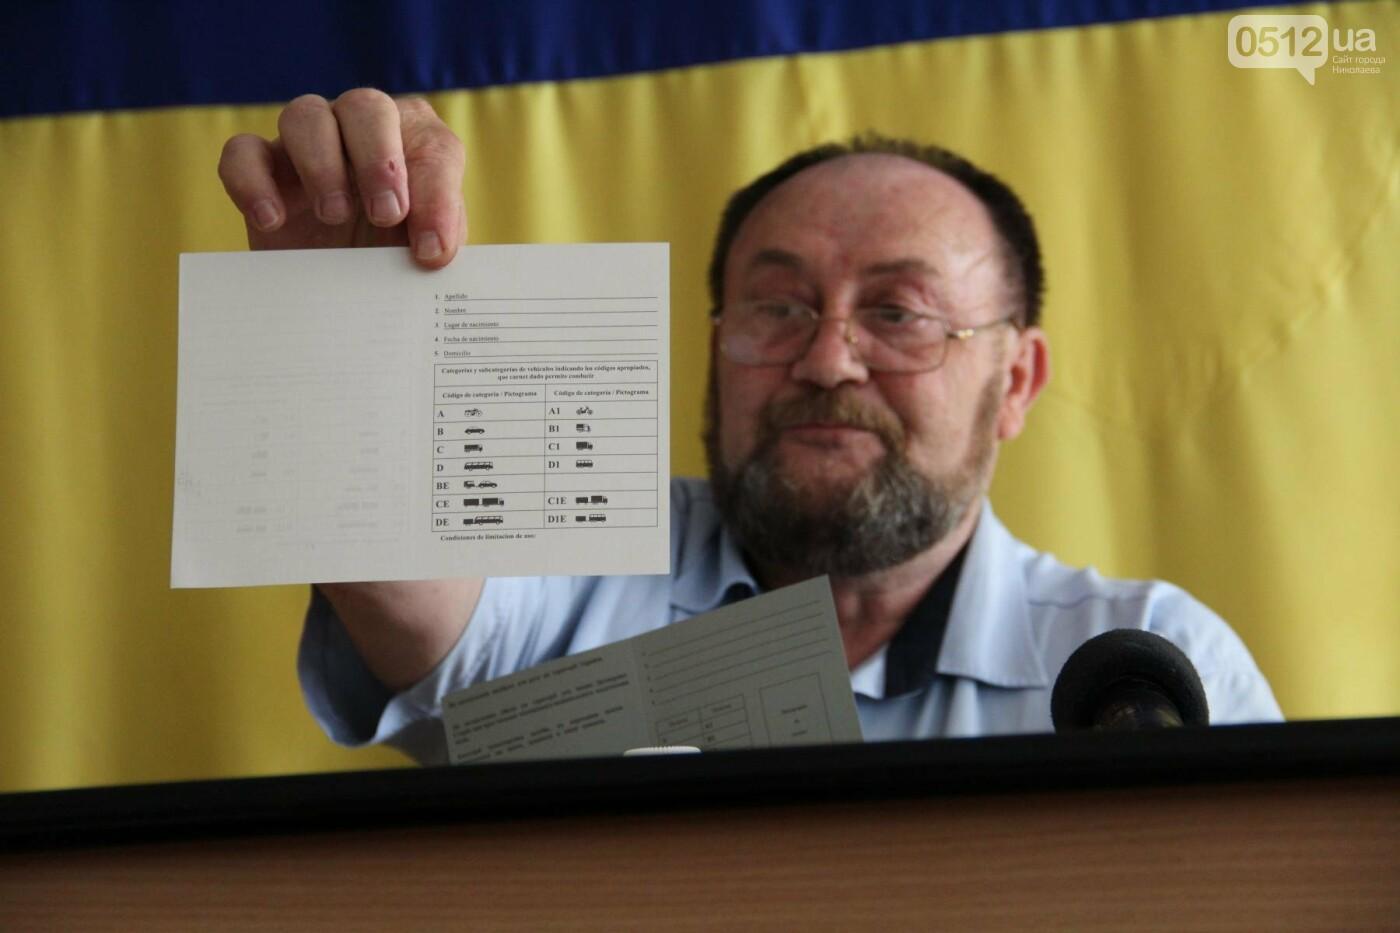 Права на 2 и 3 года: в Николаеве разьяснили о нововведениях при получении водительского удостоверения, - ФОТО, фото-2